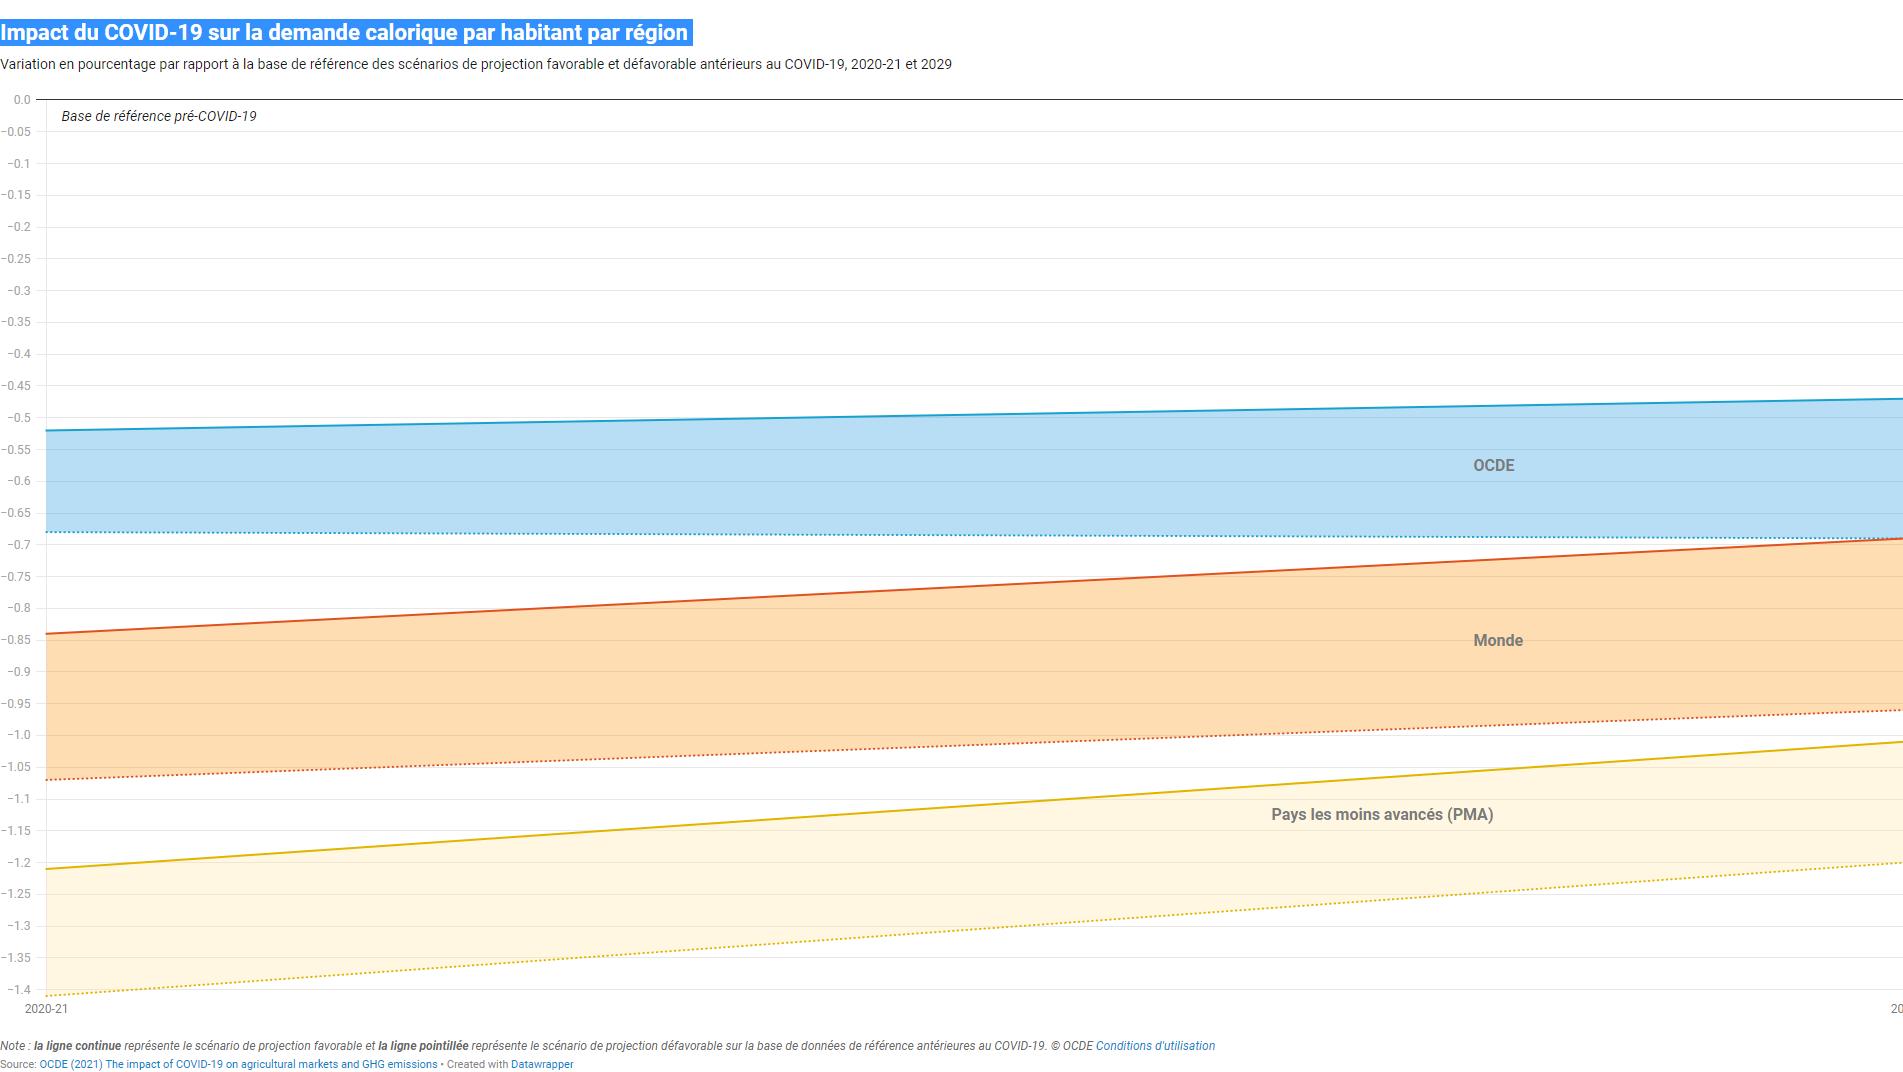 Le COVID-19 devrait entraîner une baisse de la consommation alimentaire, une tendance particulièrement marquée dans les pays les moins avancés